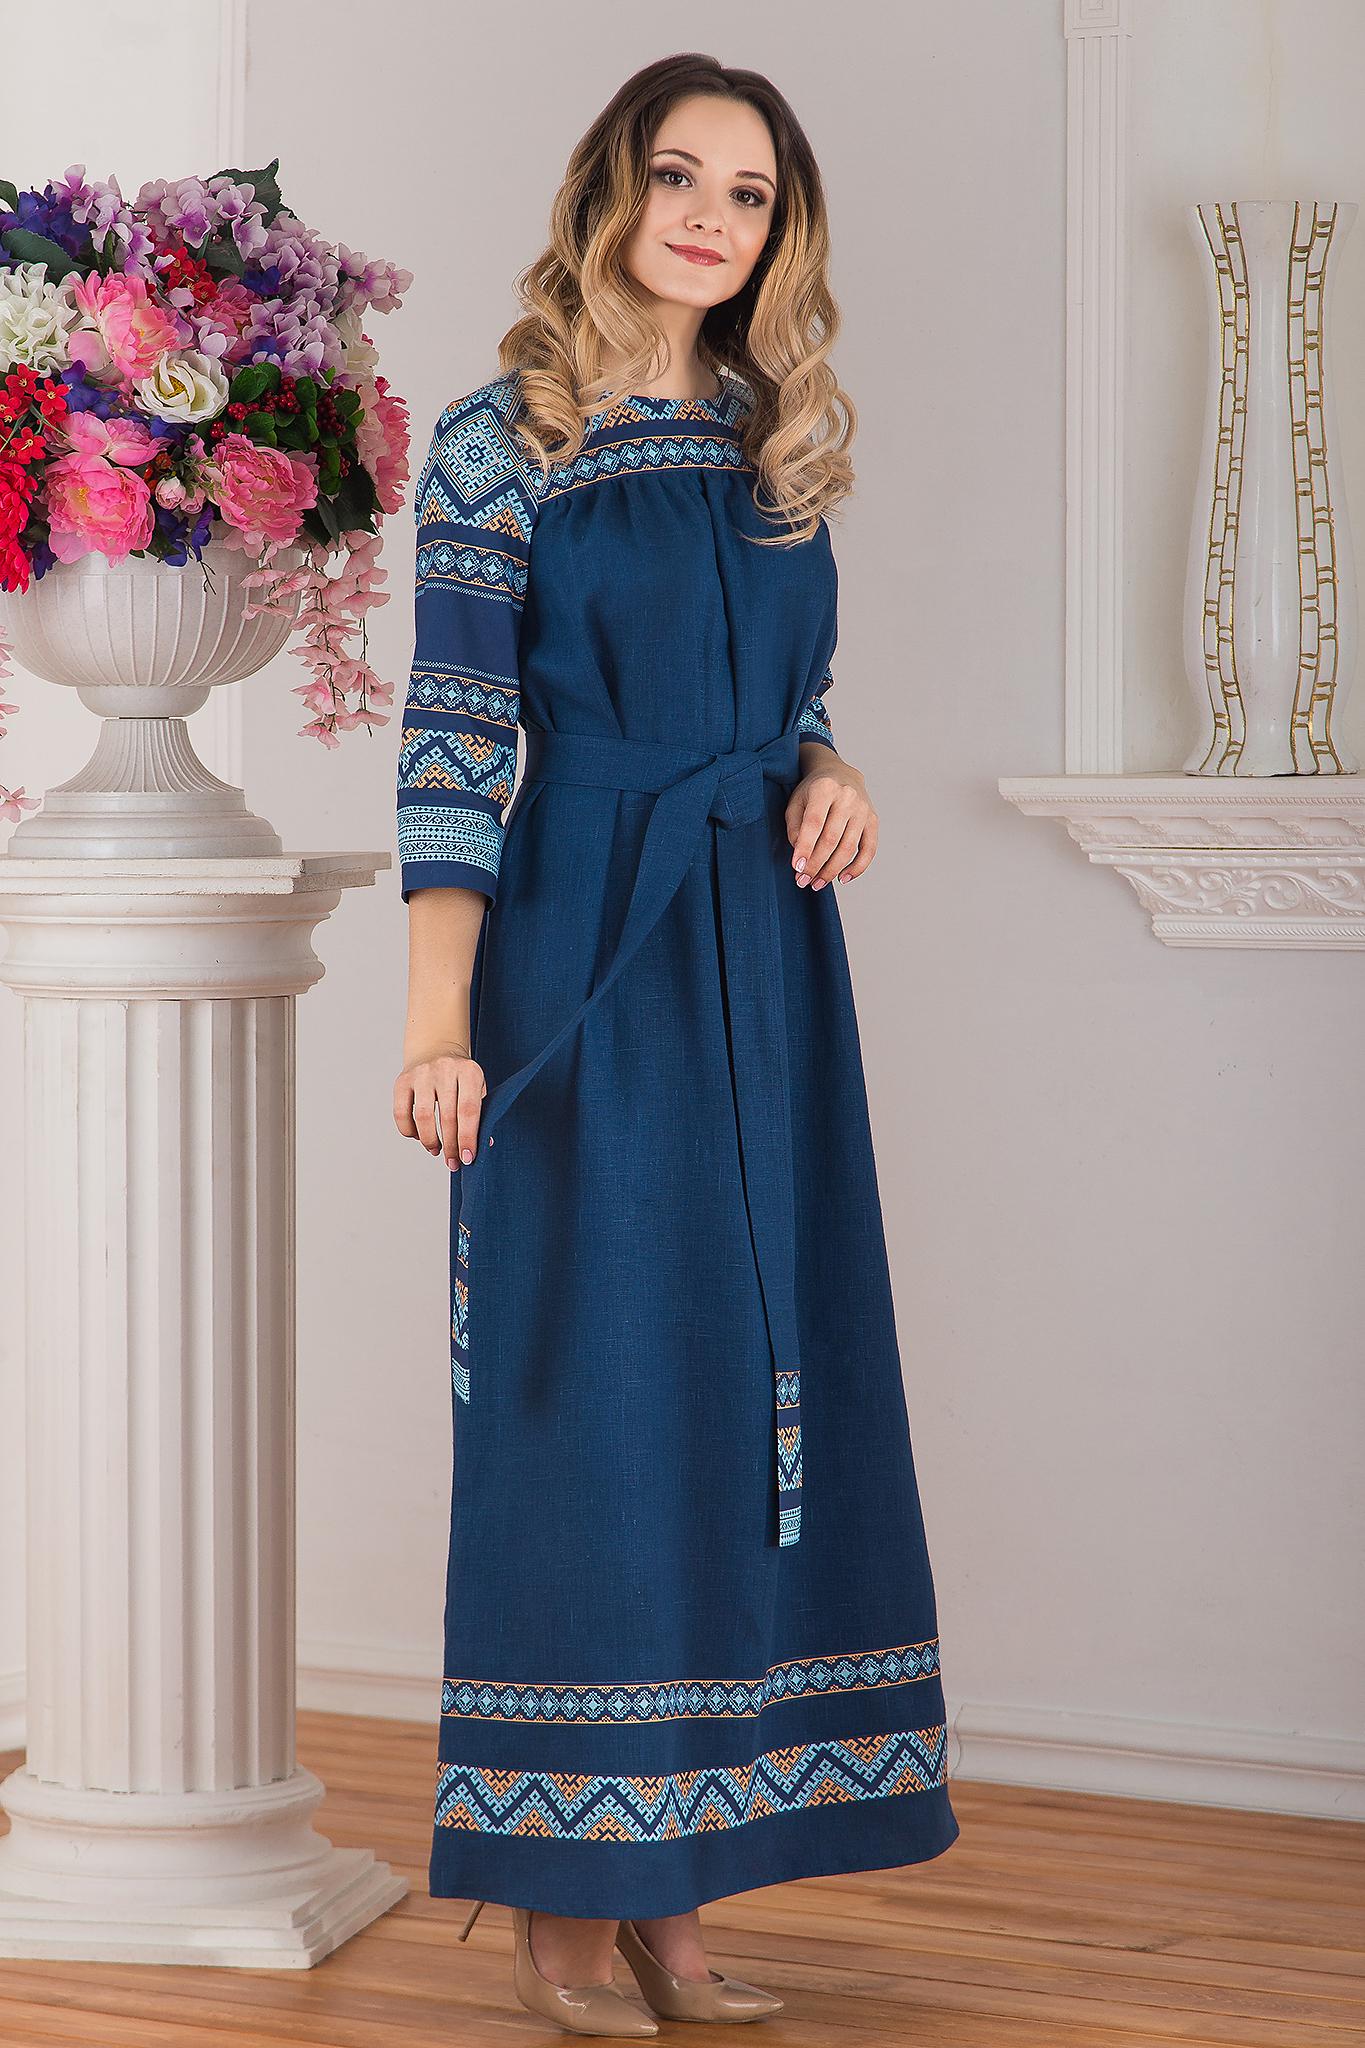 Платье Каспийское в русском стиле купить